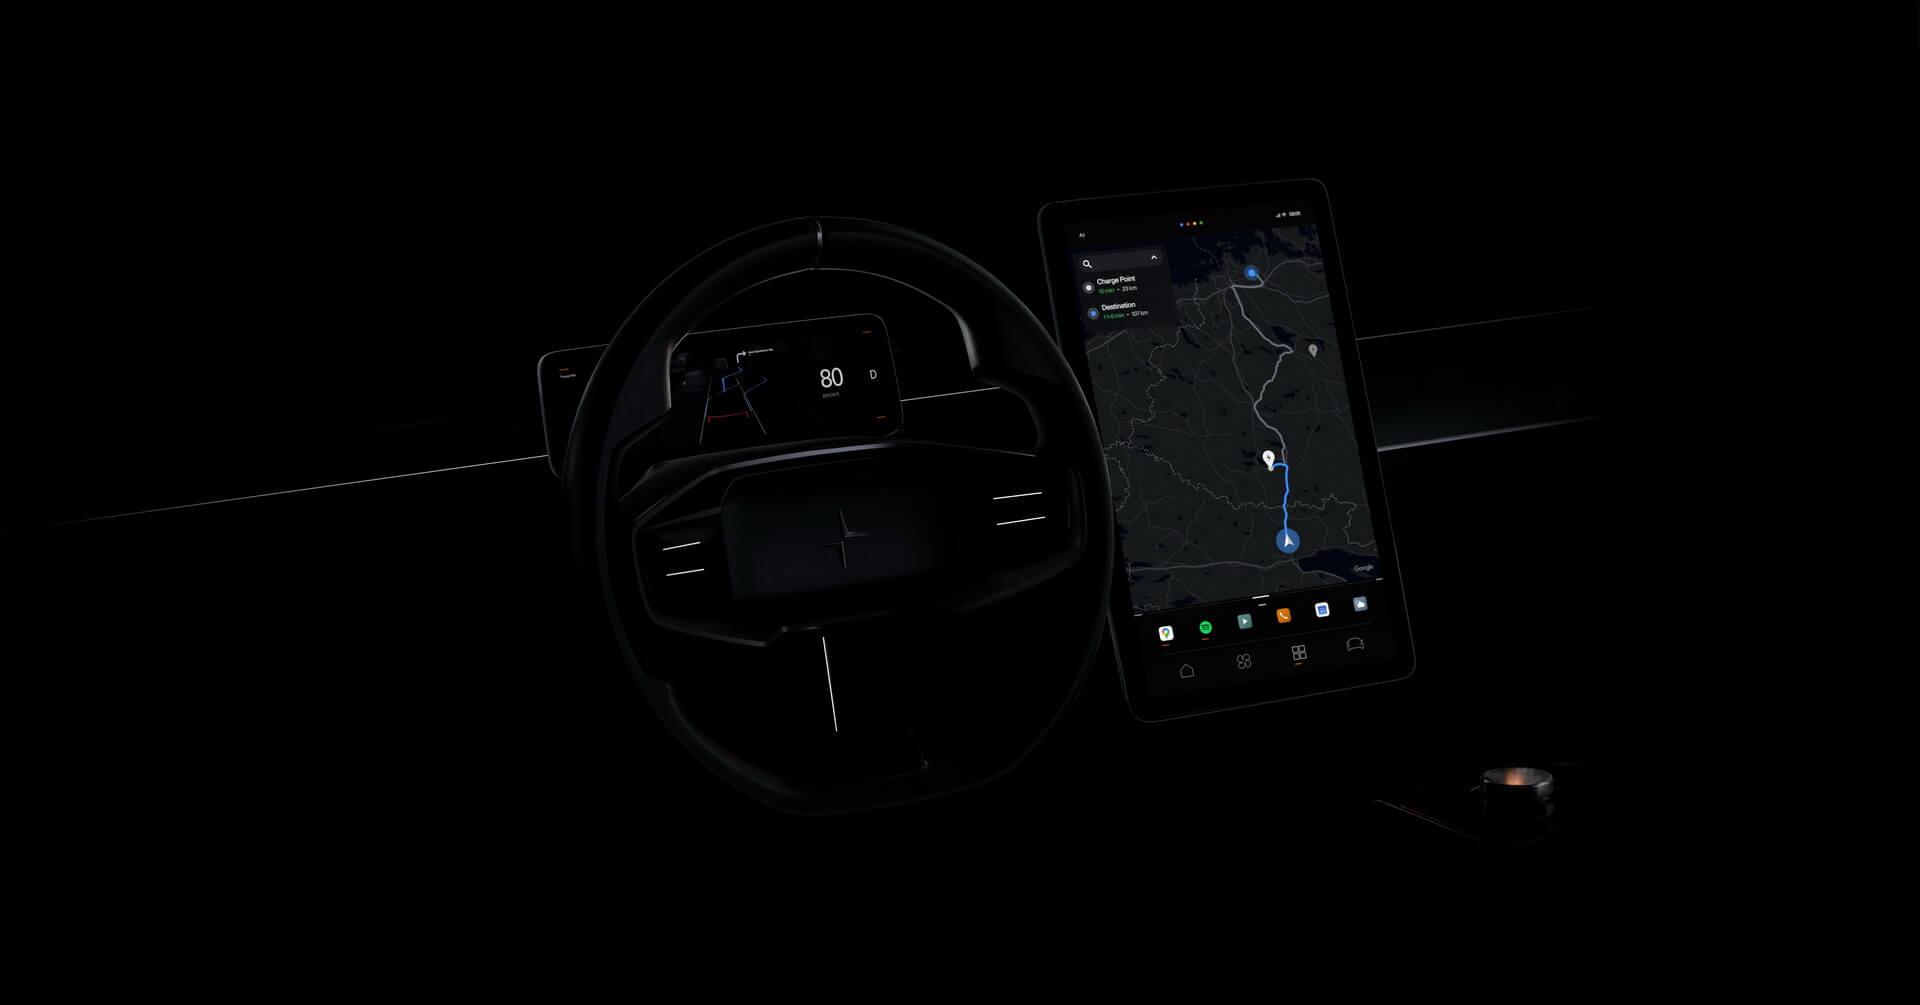 Polestar и Google обеспечат персонализацию и лучший цифровой автомобильный опыт